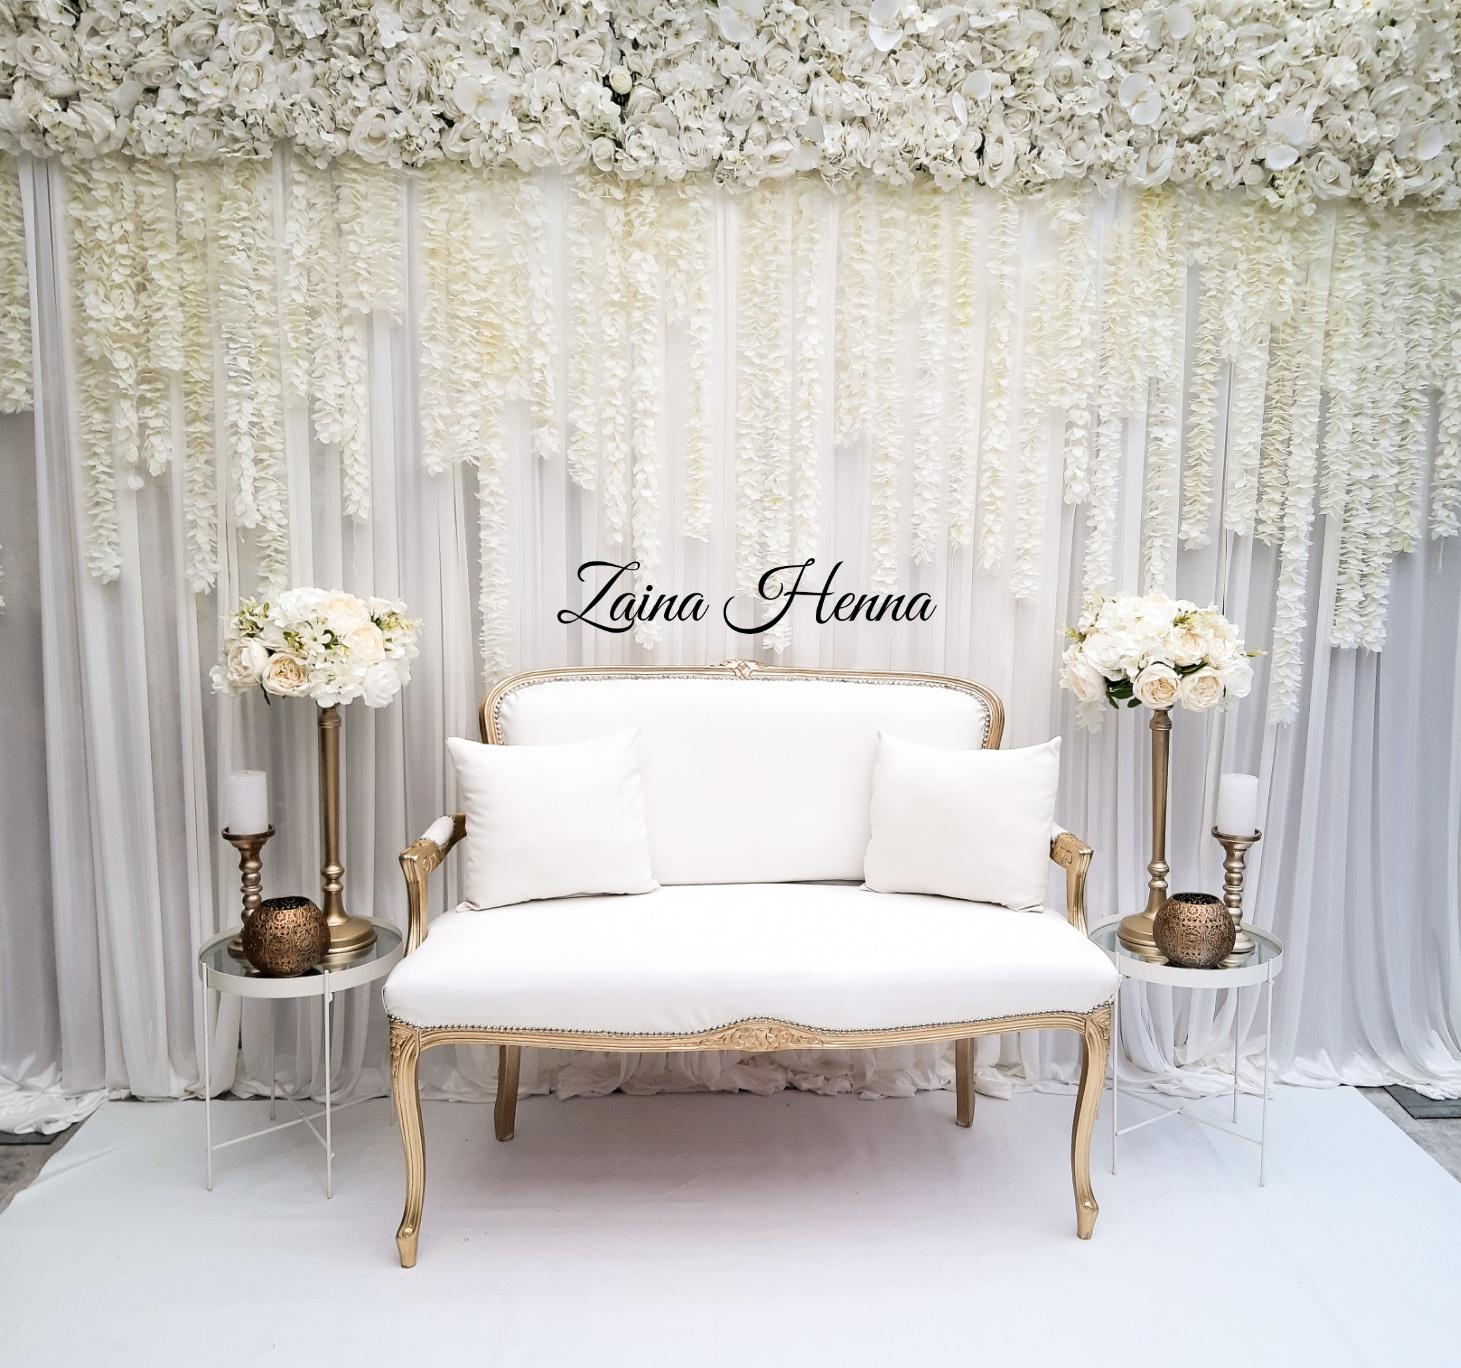 Queen Anne Bank met achterwand gordijnen wit & bijzet tafels en accessoires goud/wit €170,-